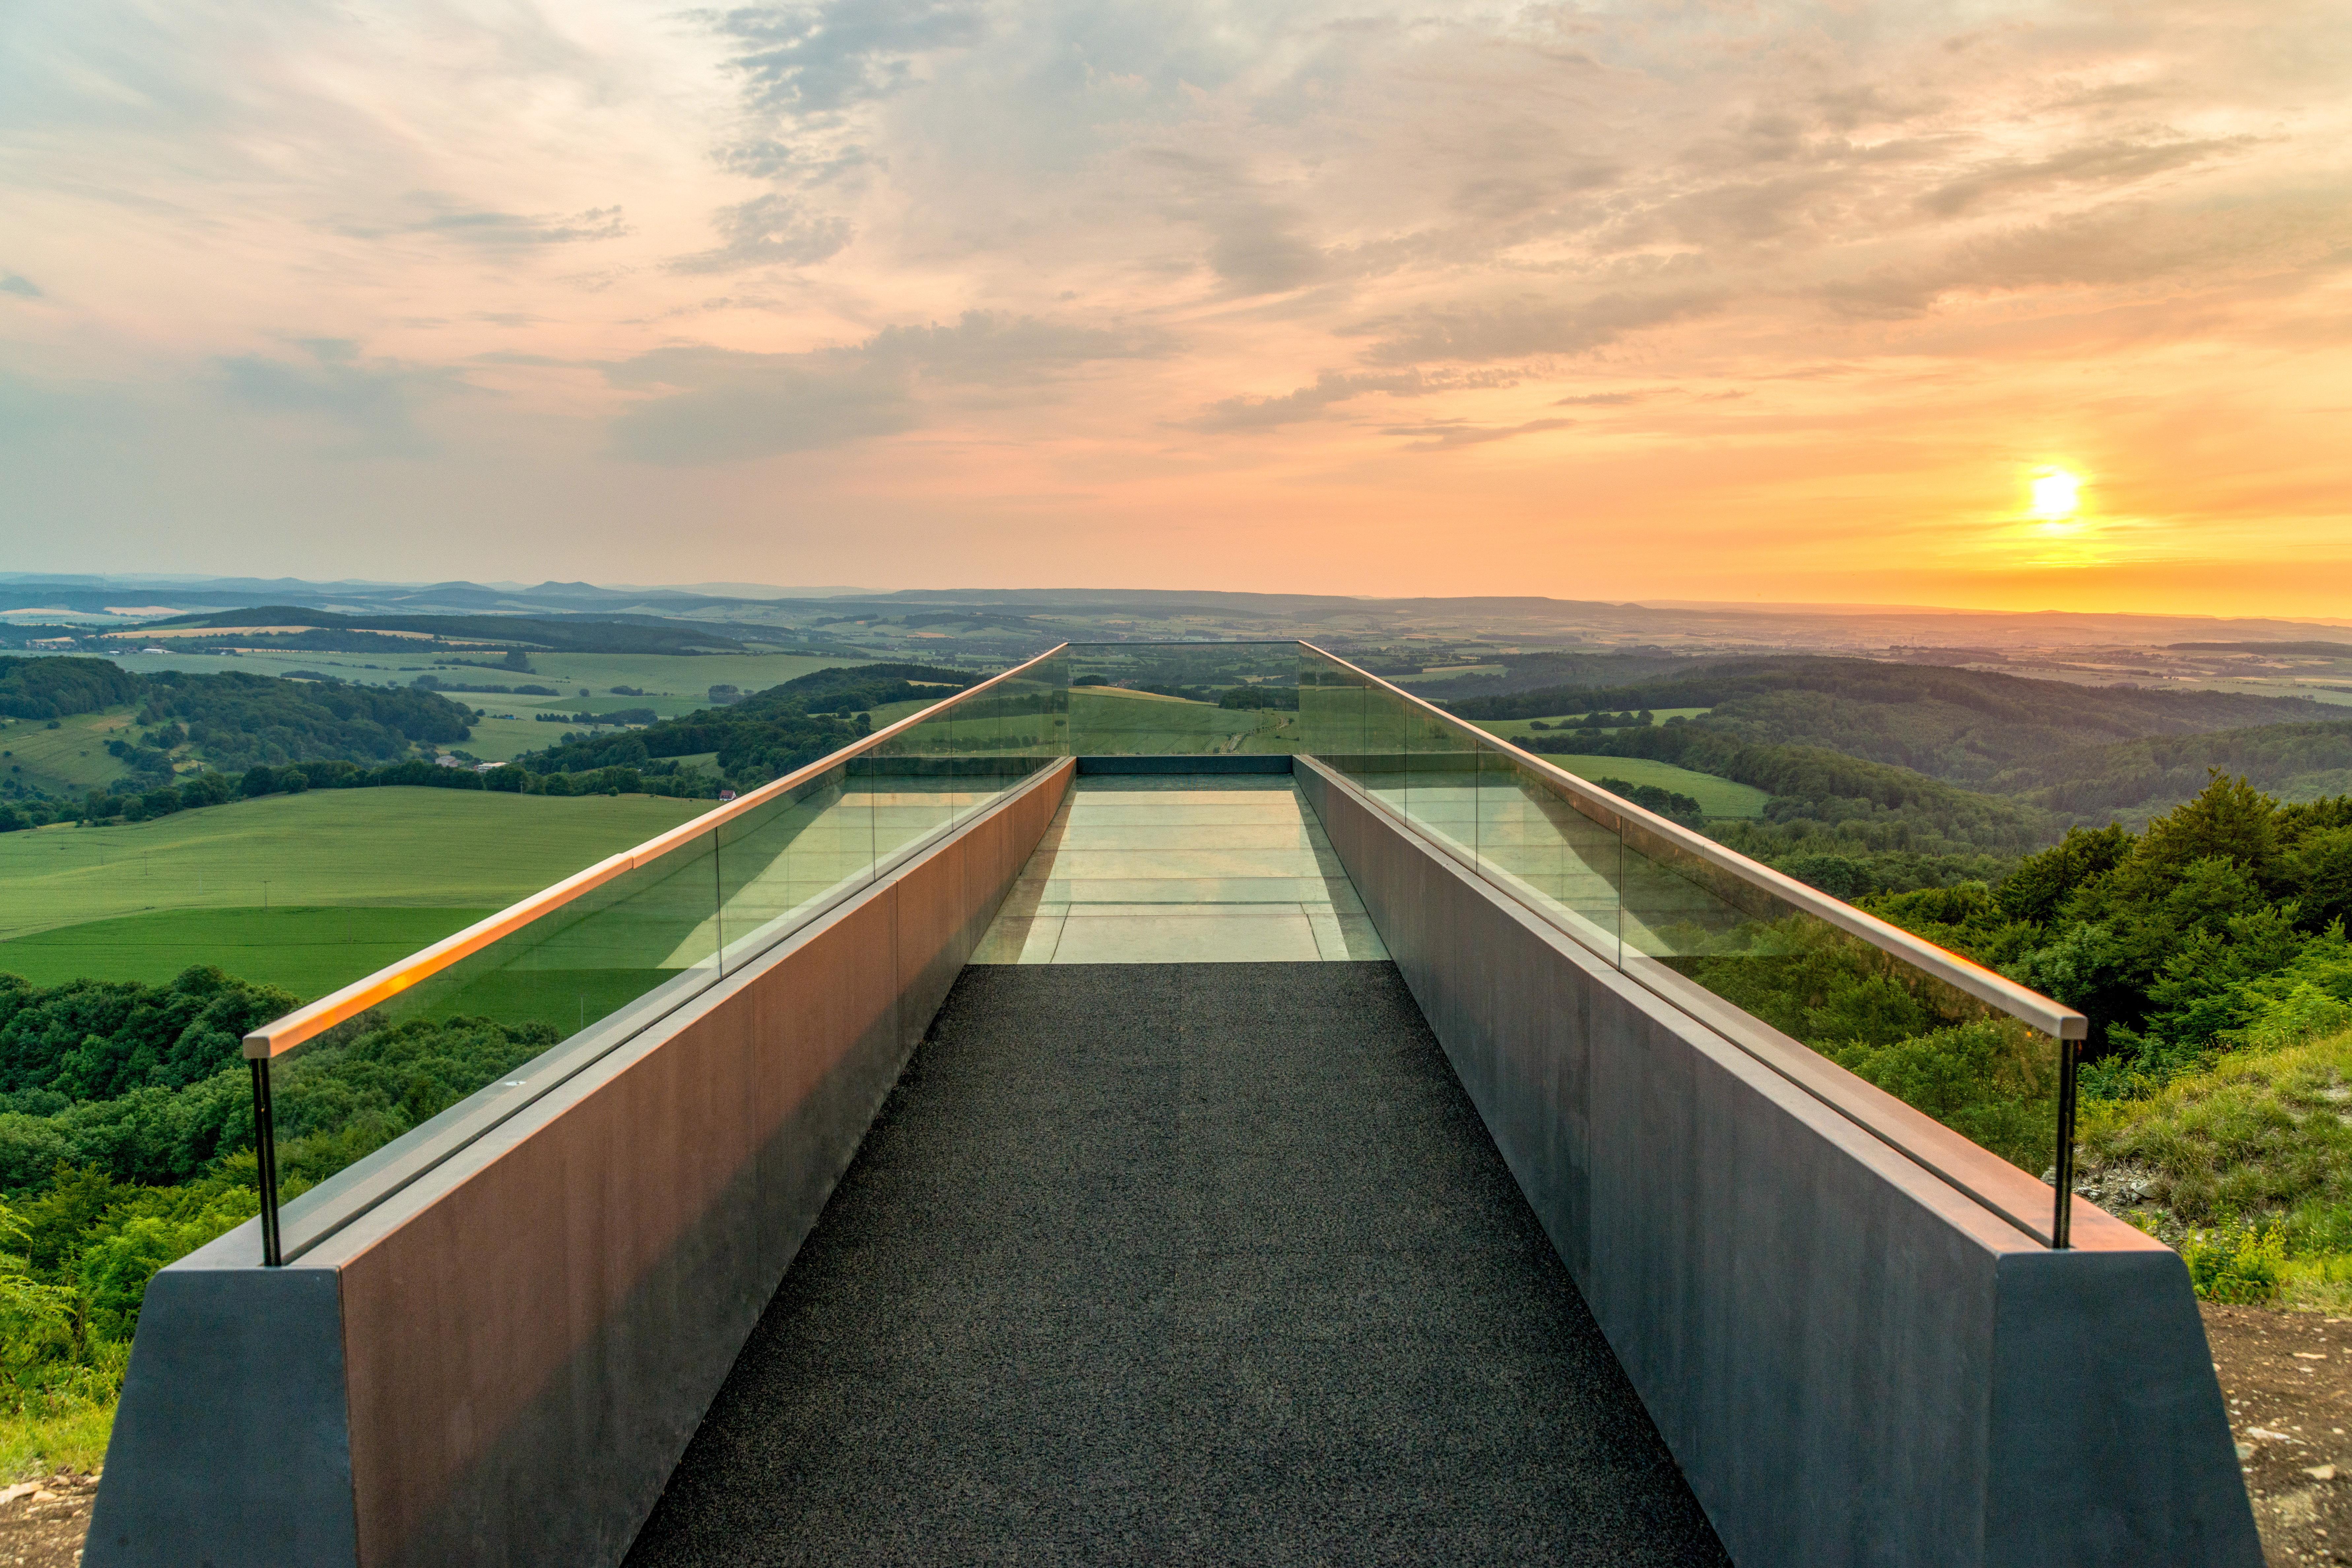 Sonnenstein Skywalk, Quelle: Eichsfeldwerke GmbH